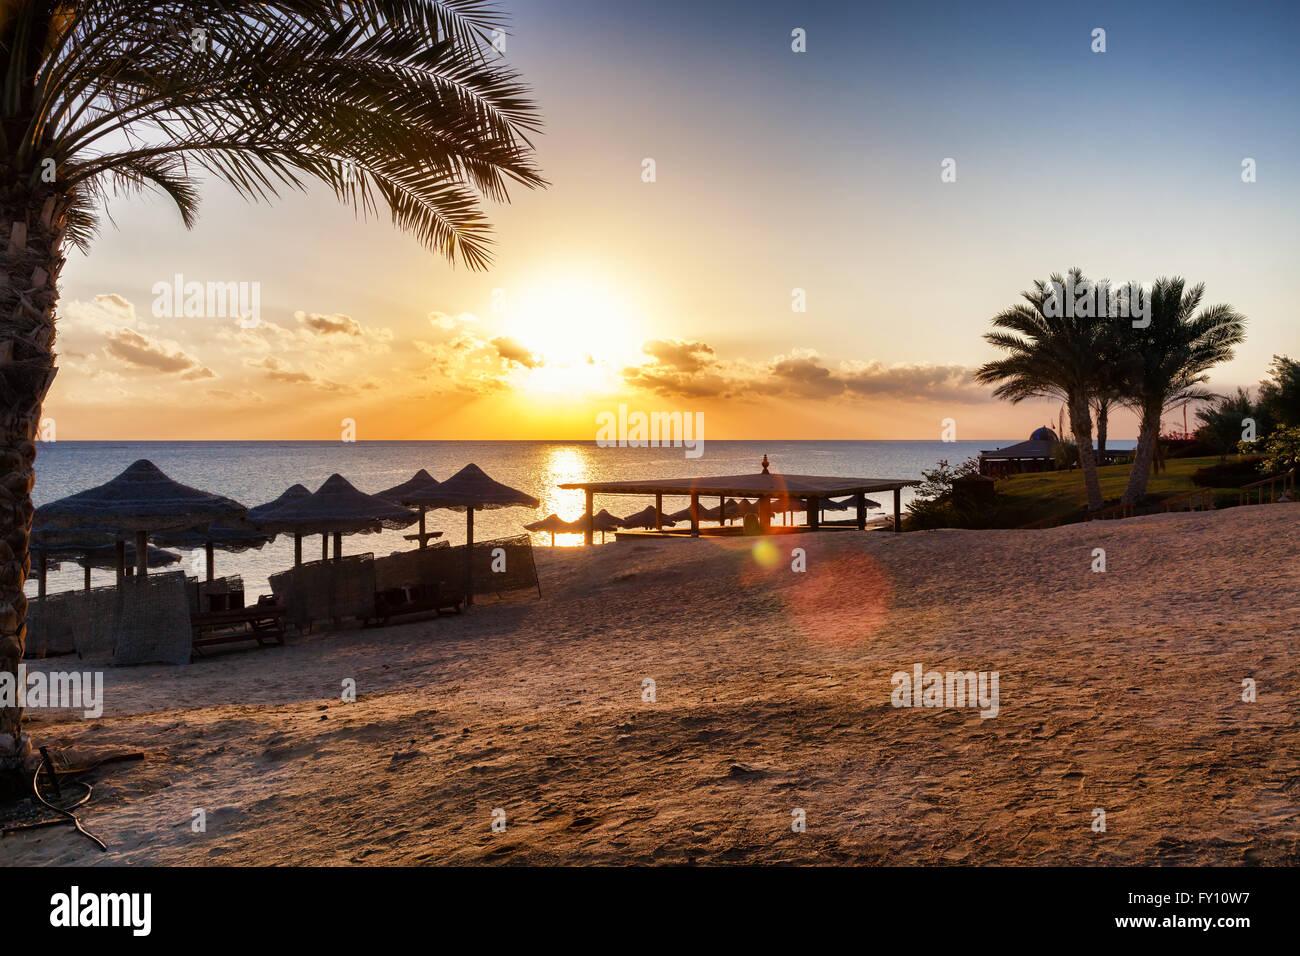 Precioso atardecer en la playa Imagen De Stock